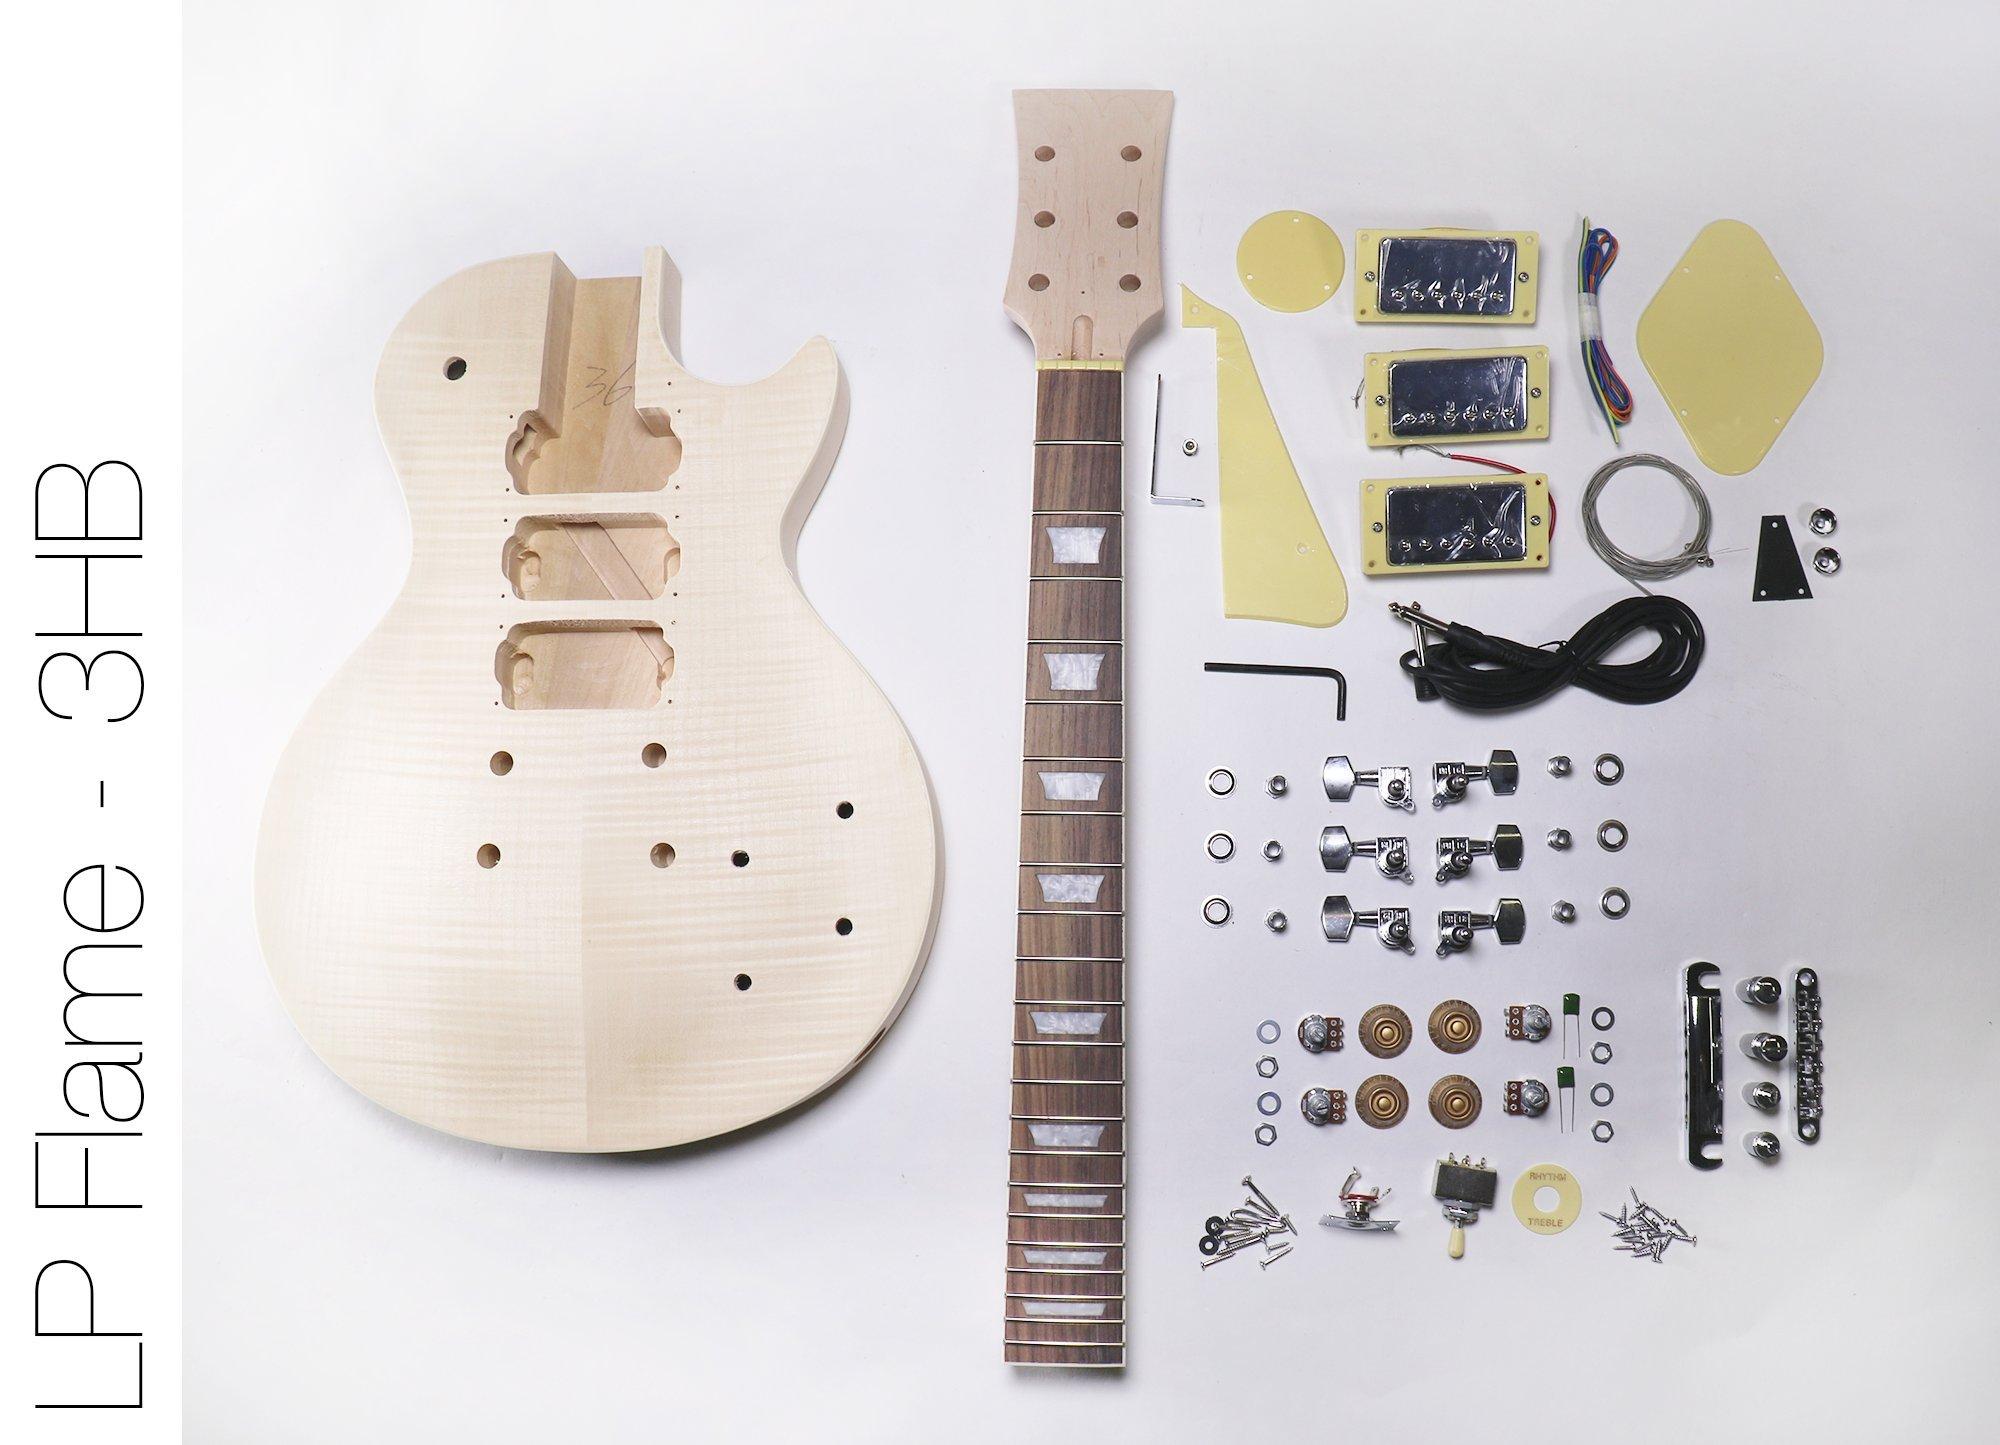 cheap guitar build kit find guitar build kit deals on line at. Black Bedroom Furniture Sets. Home Design Ideas